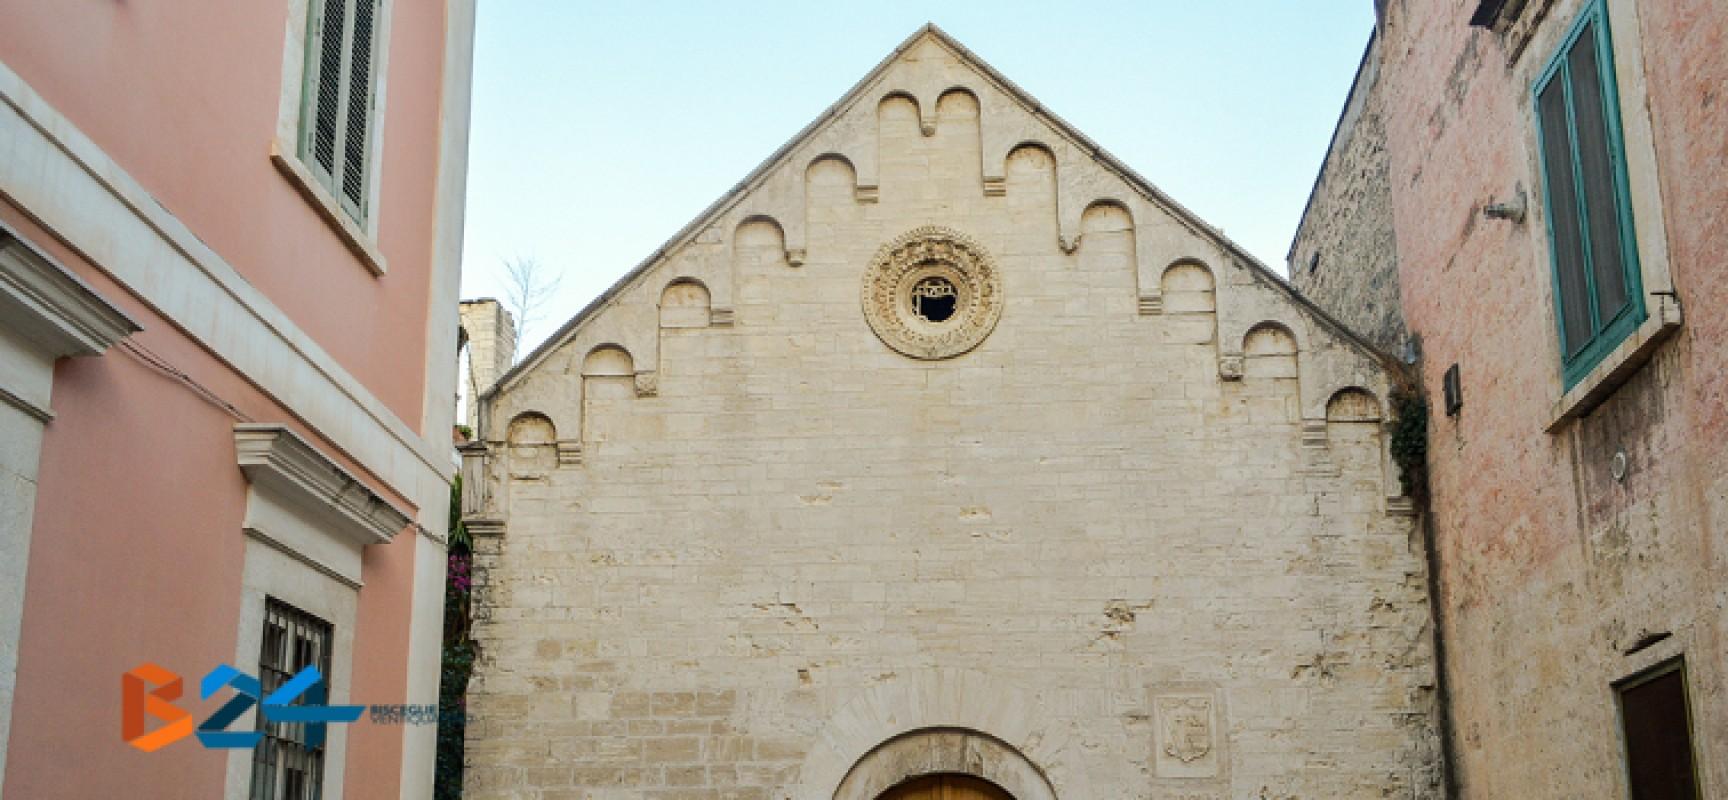 Storia a Santa Margherita, Franco Cardini parlerà di crociate e jihad